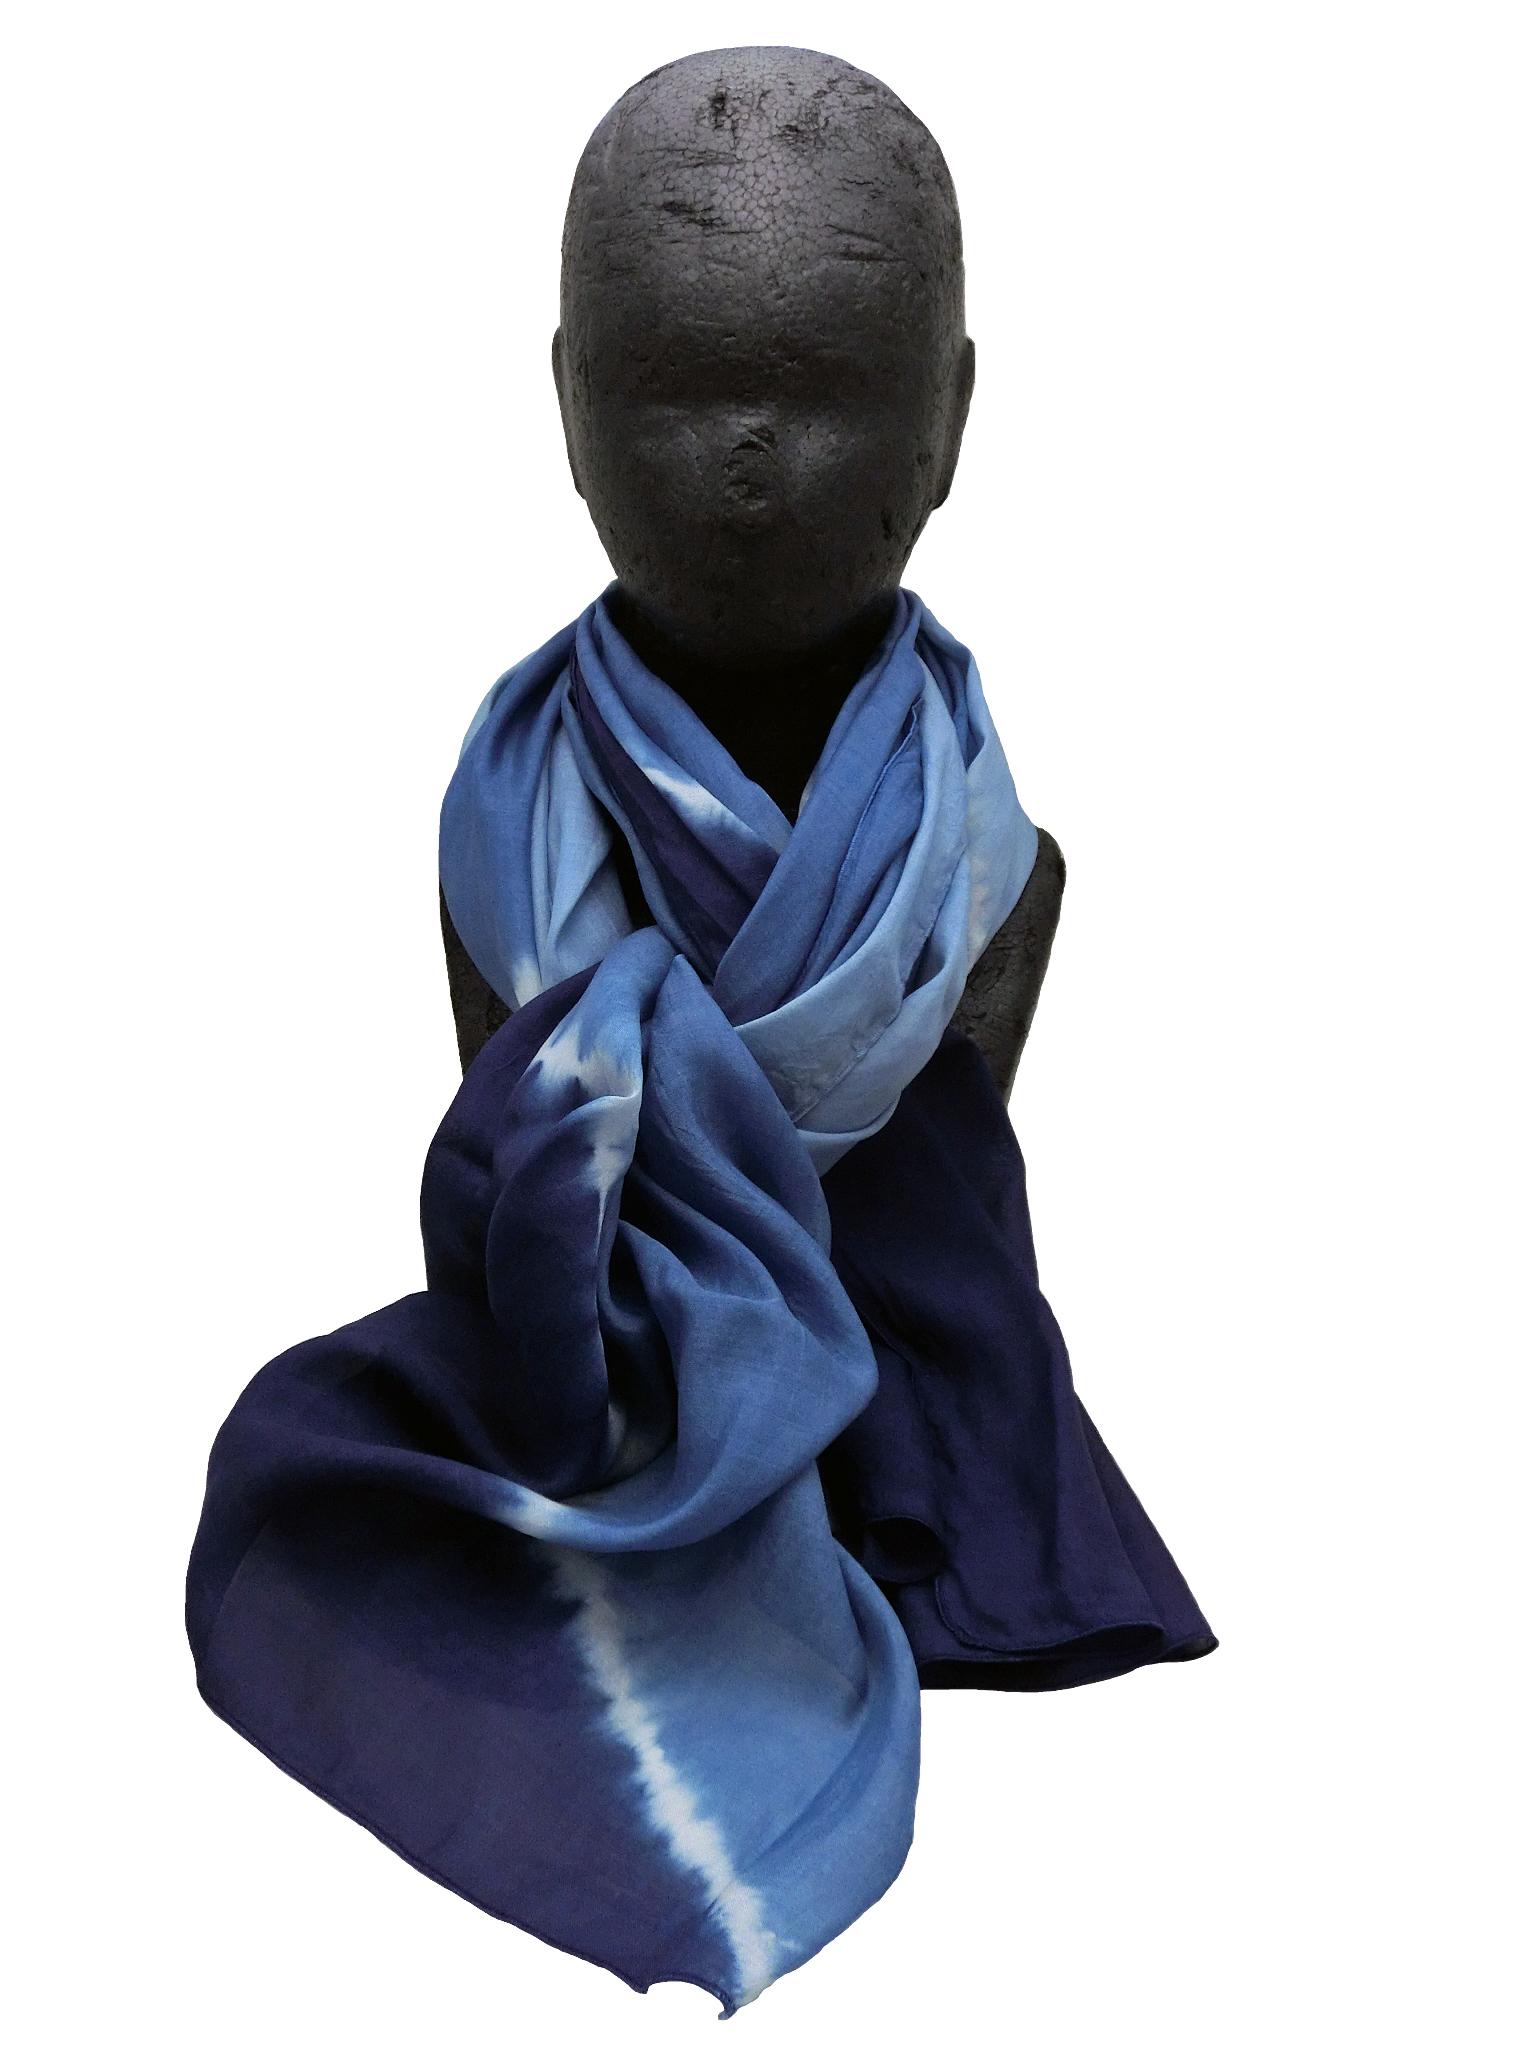 極繊細絹紡織 ストール 3段絞り